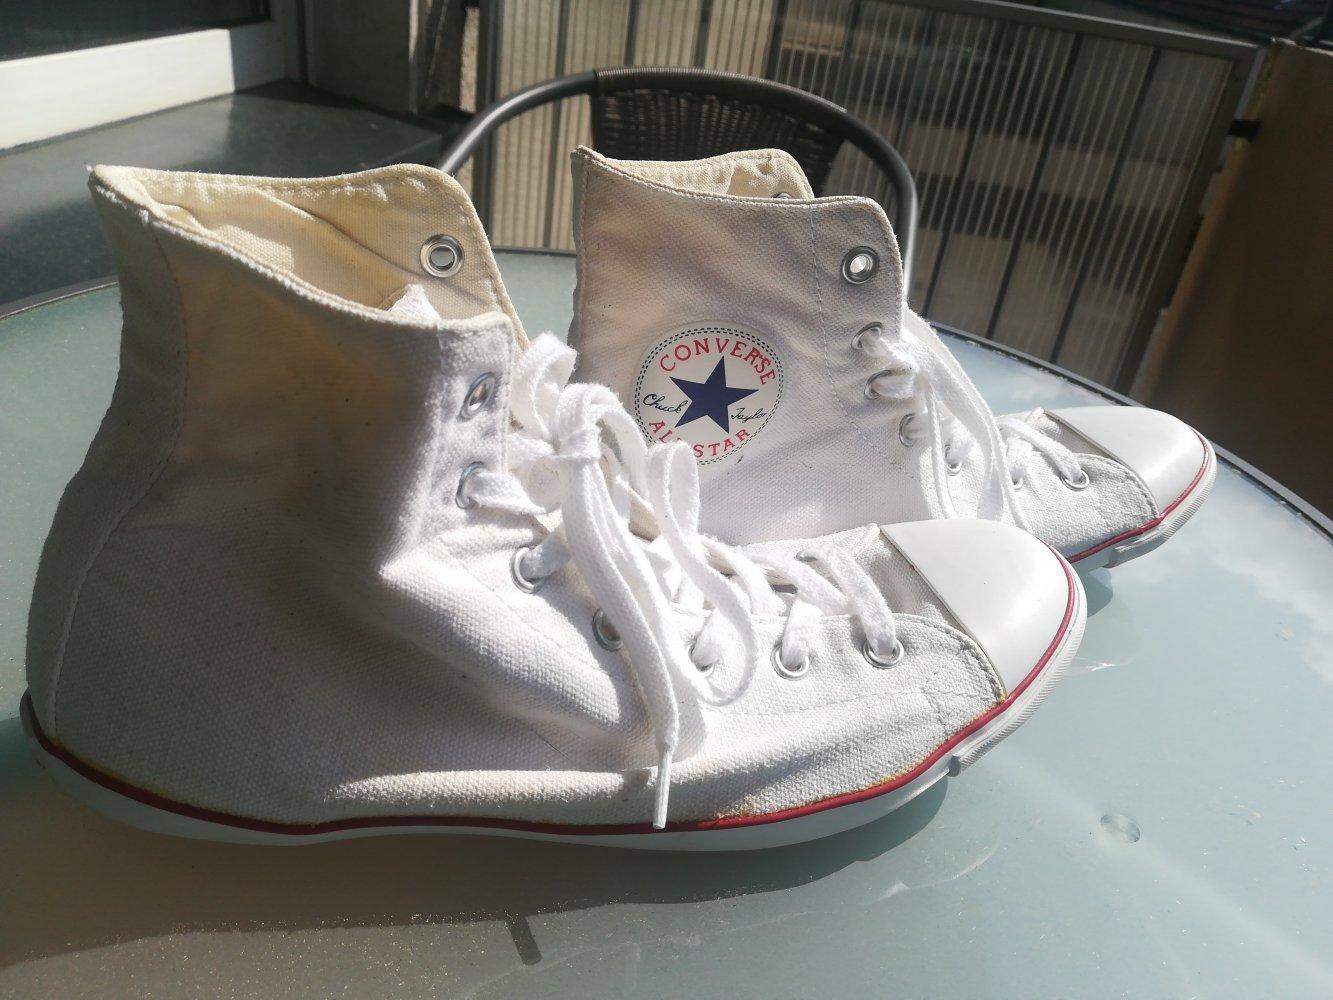 d82d30d7e21334 Converse All Star - Weiße Chucks Größe 40    Kleiderkorb.de